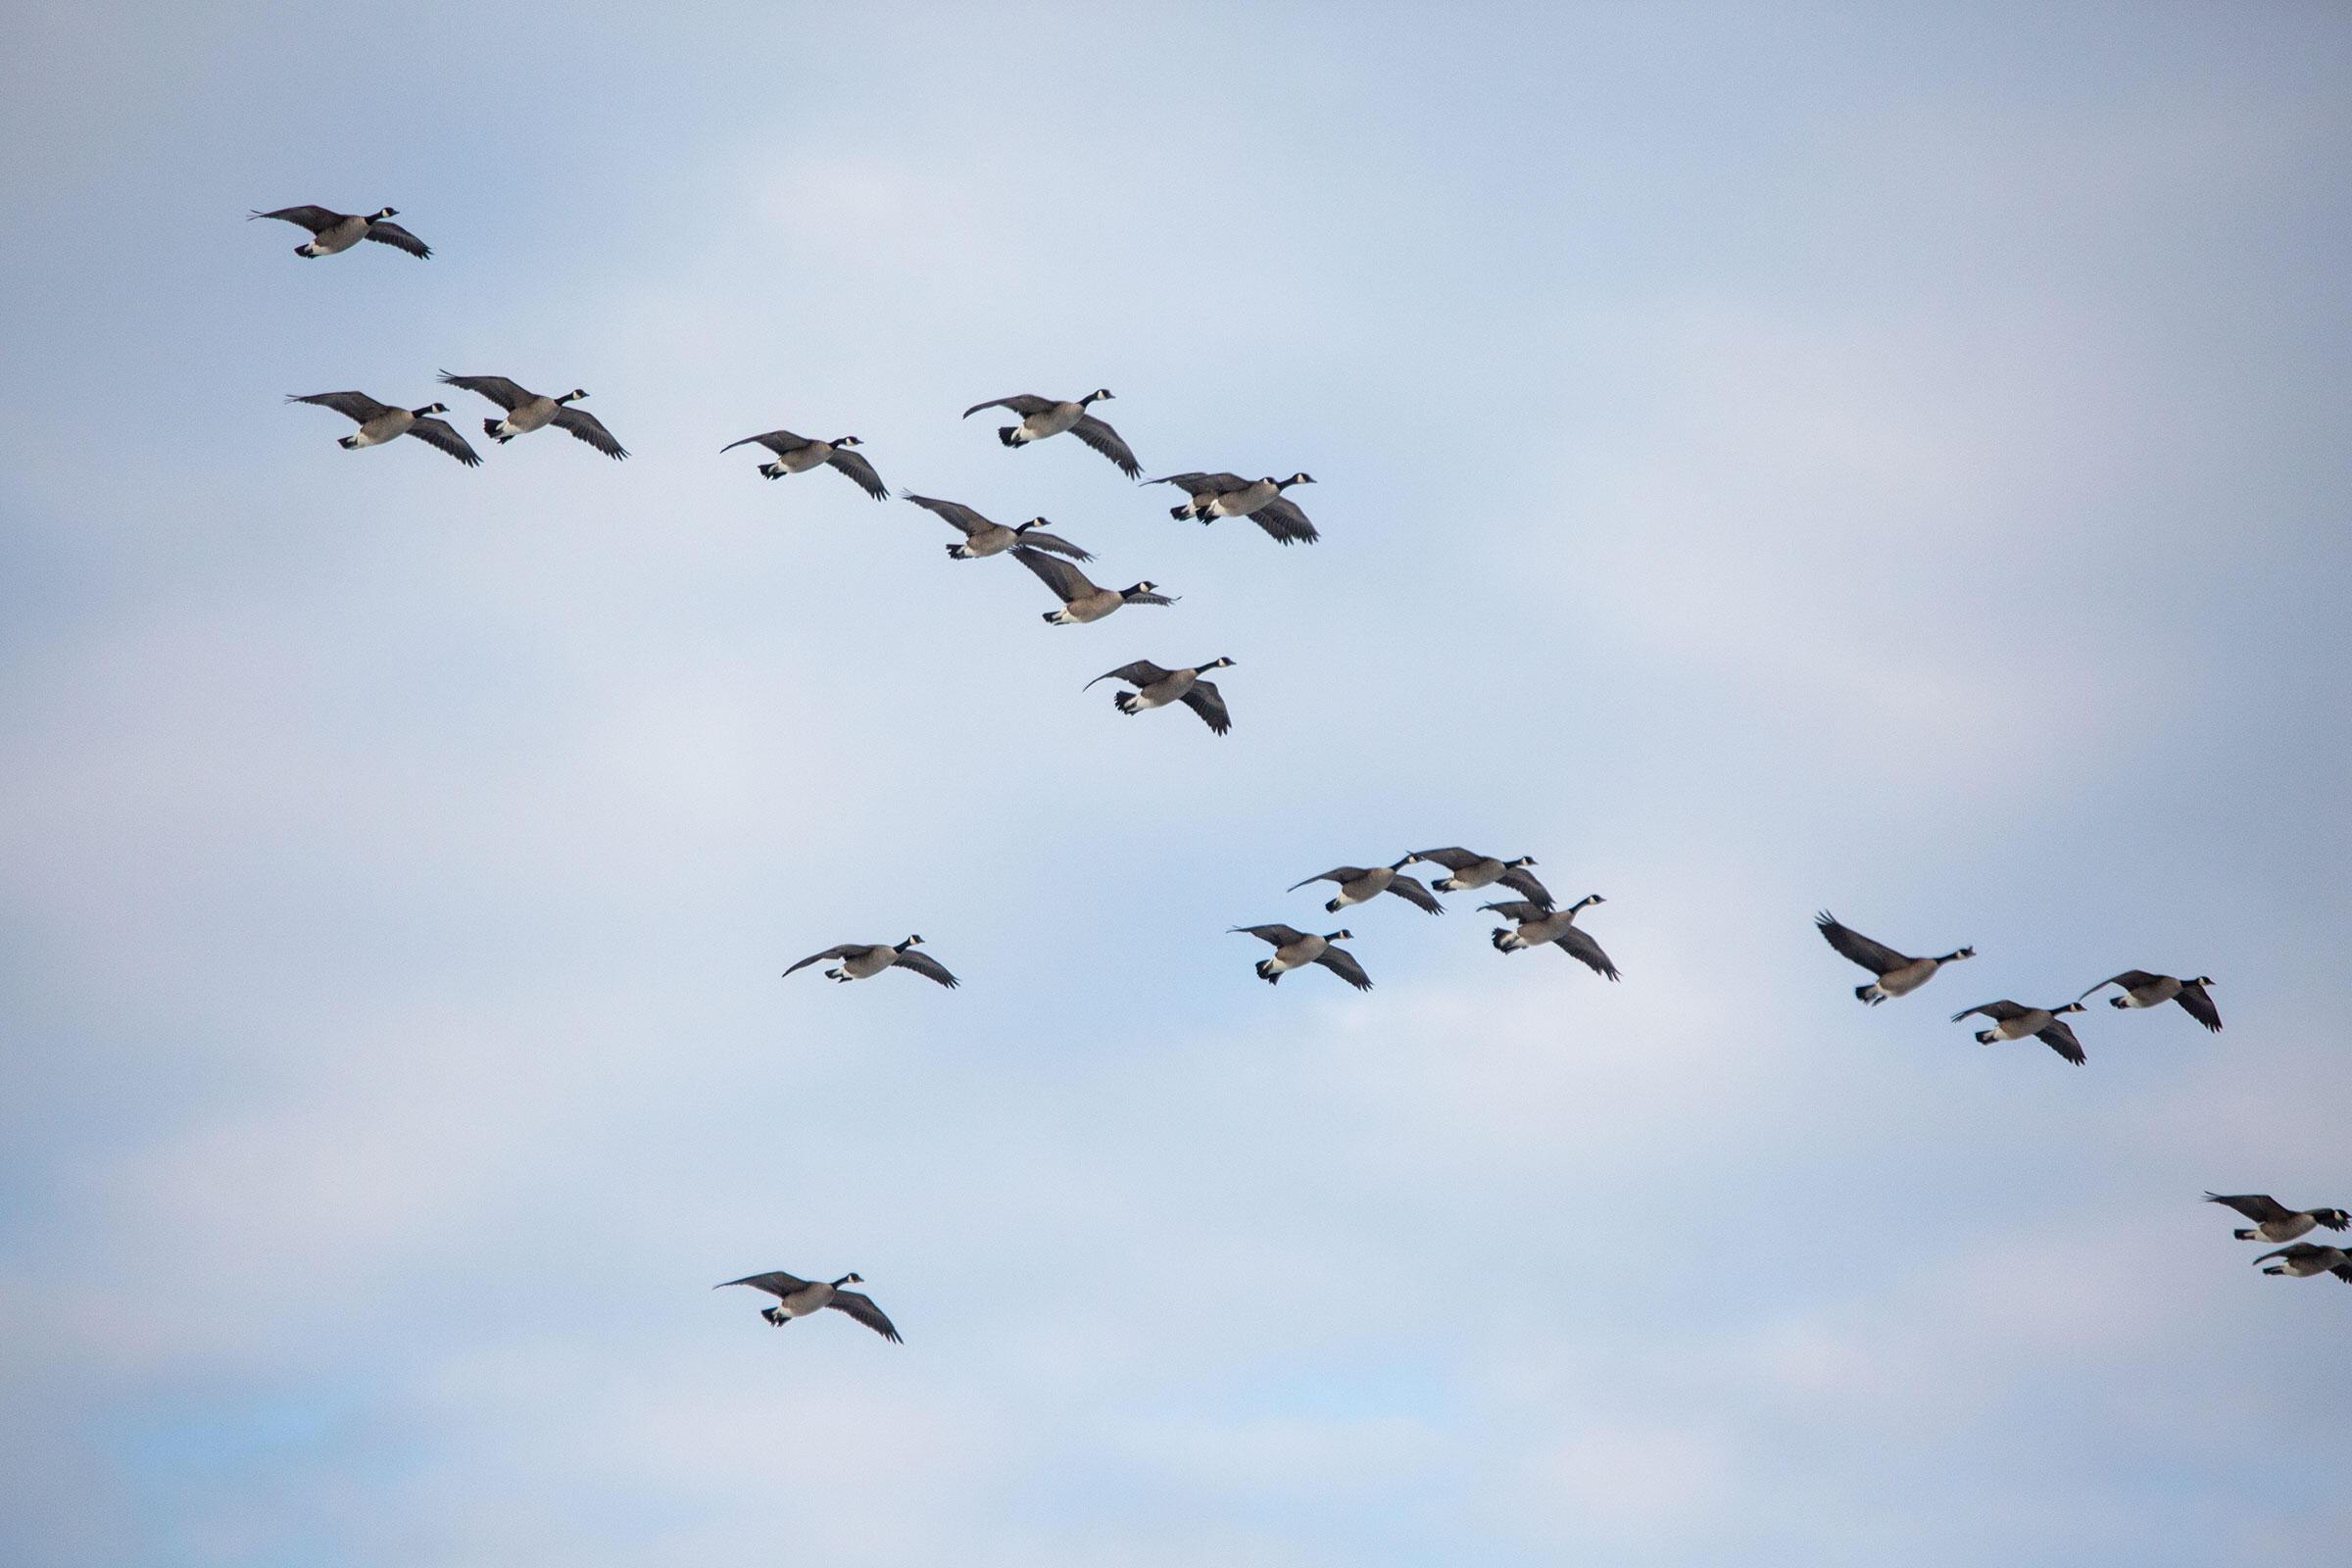 Canada Geese fly over Eeyou Istchee. Brendan Forward